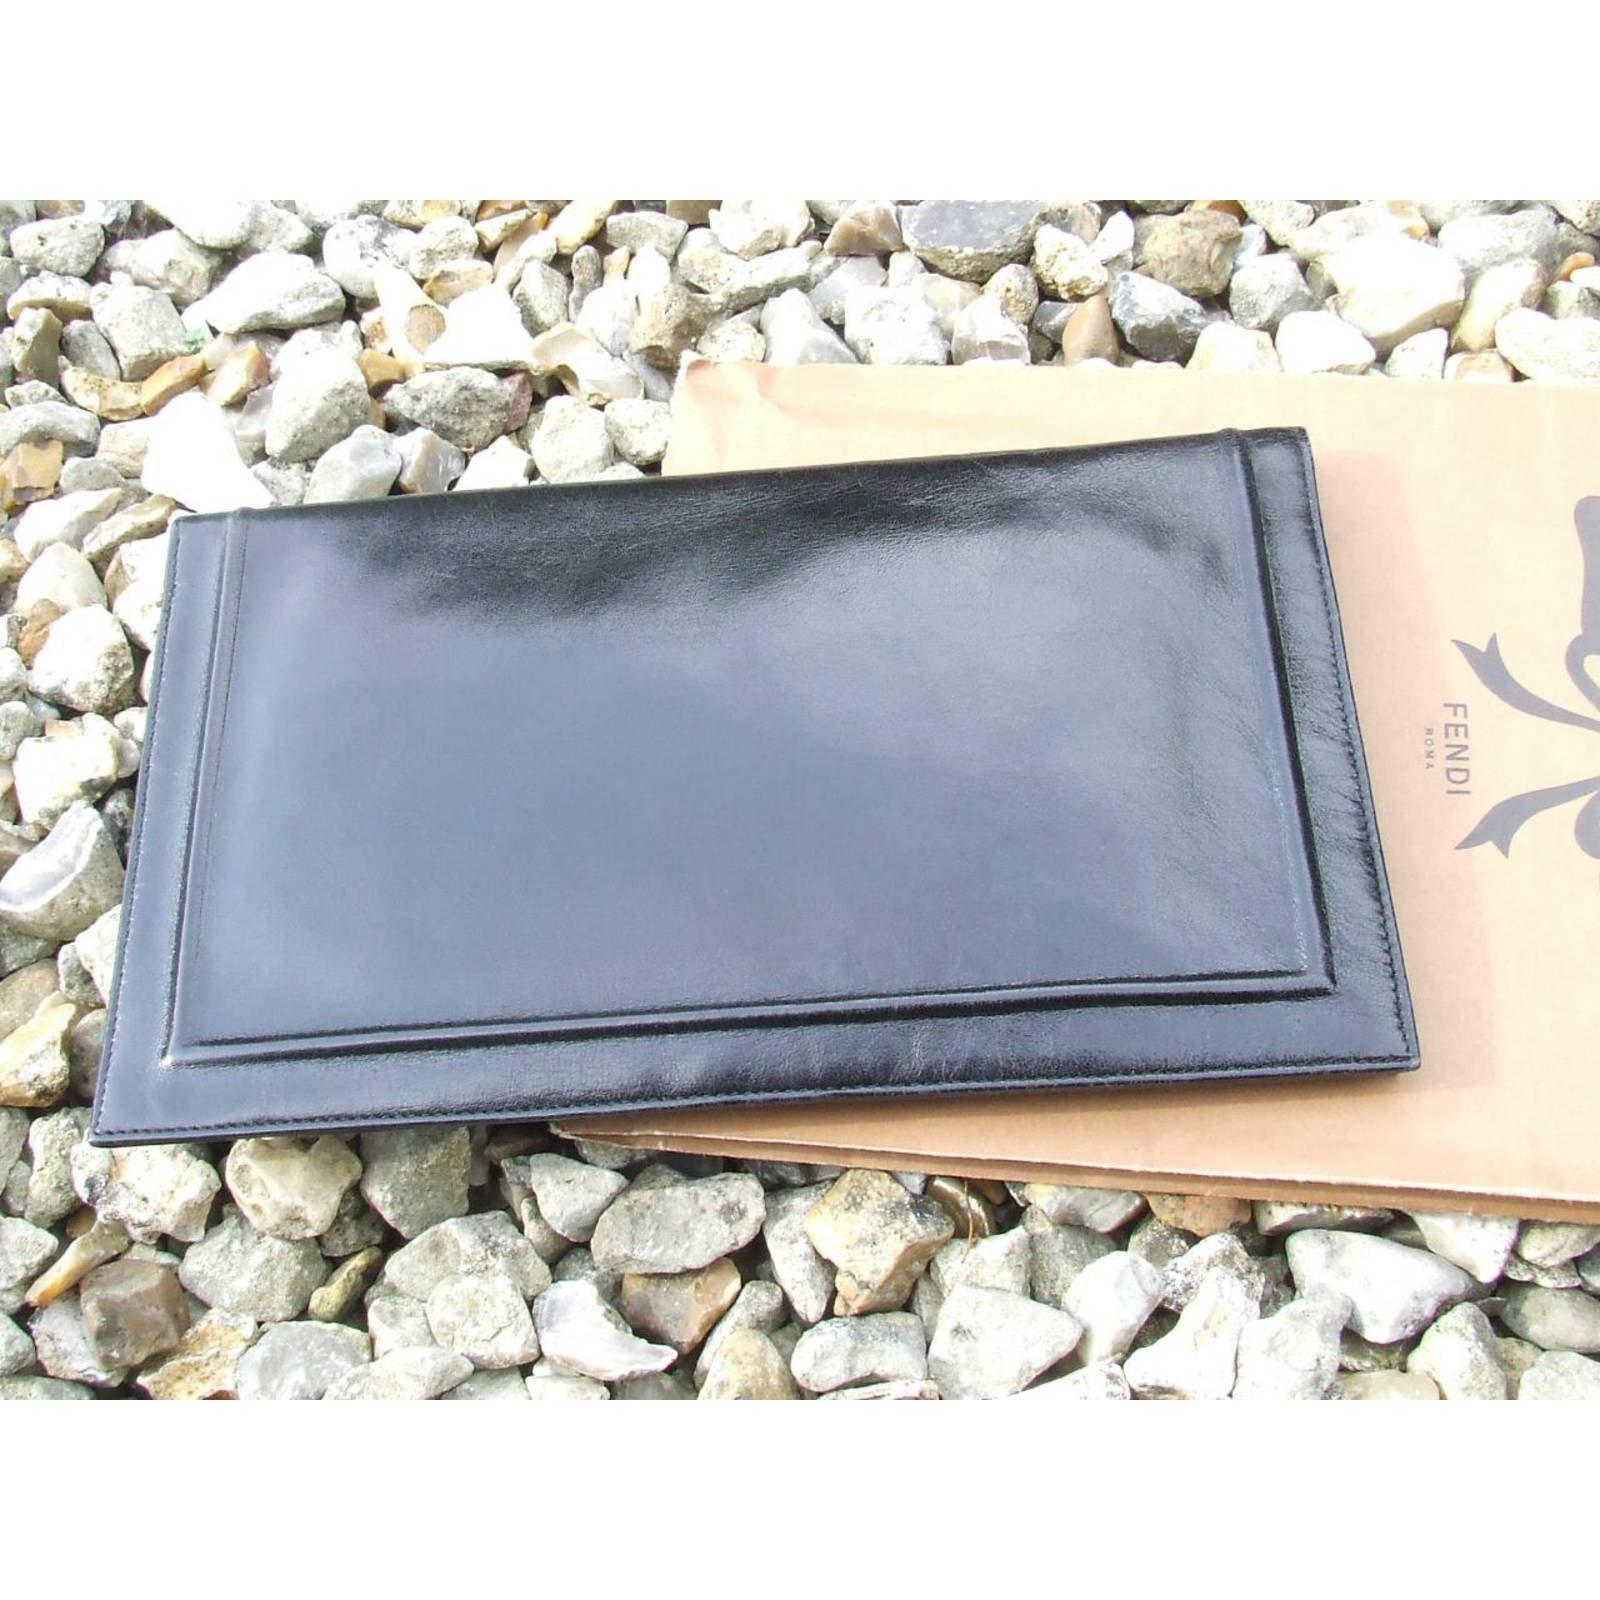 39dbf32093a7 Fendi Clutch bags Clutch bags Leather Black ref.5948 - Joli Closet